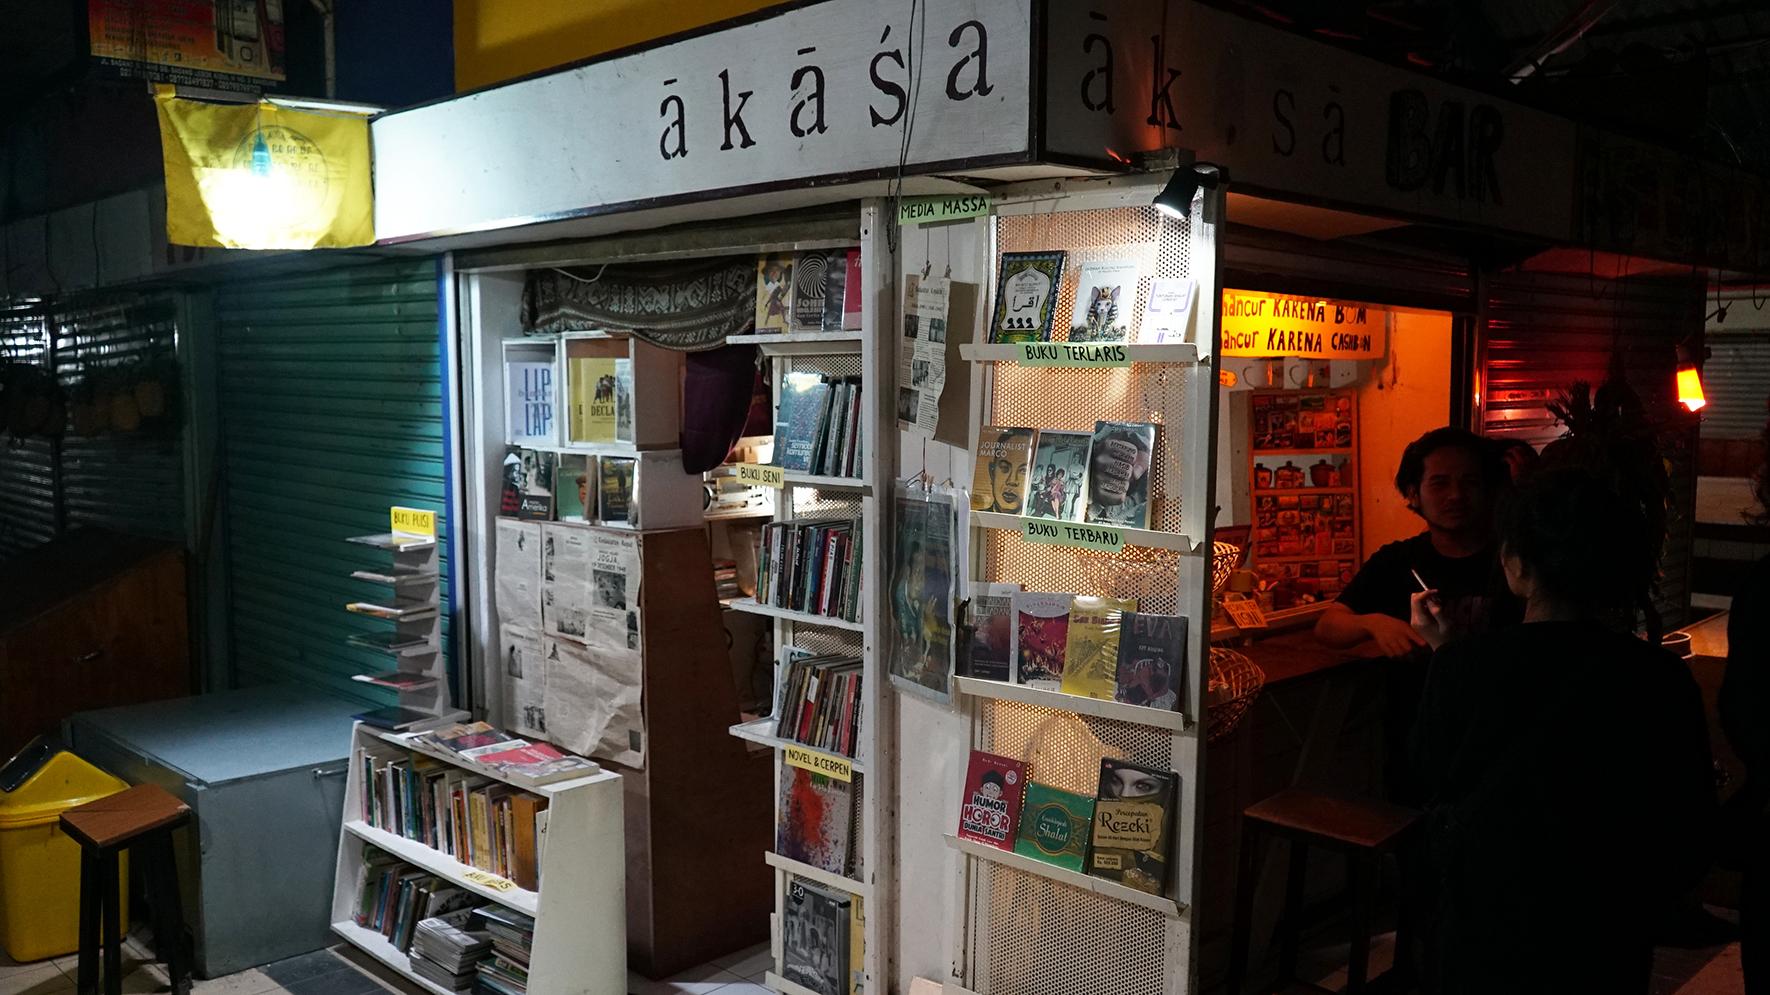 Akasa Bookstore